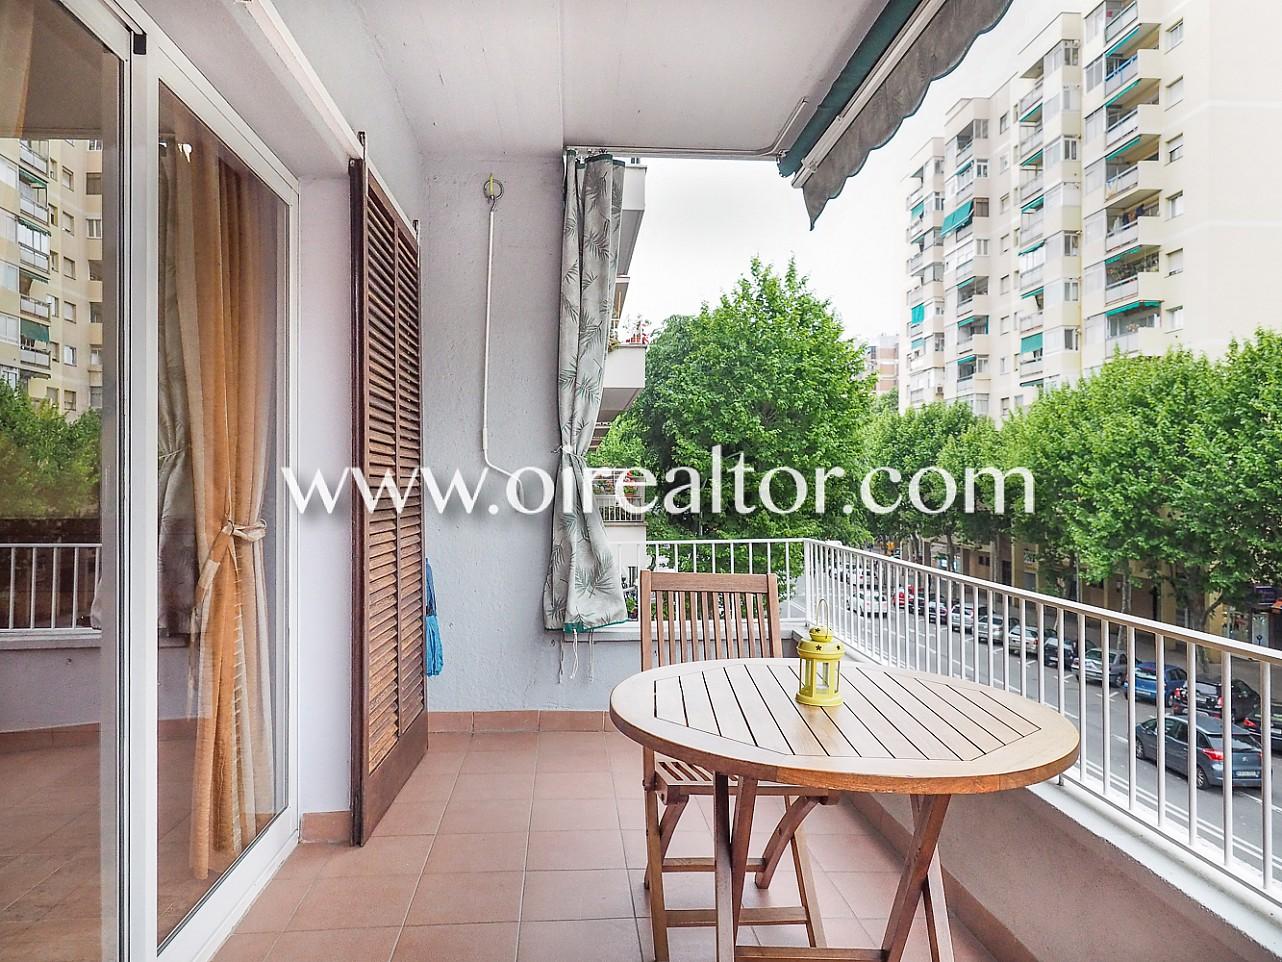 Fant stico piso en venta en gran v a de les corts catalanes barcelona oi realtor - La caixa pisos en venta ...